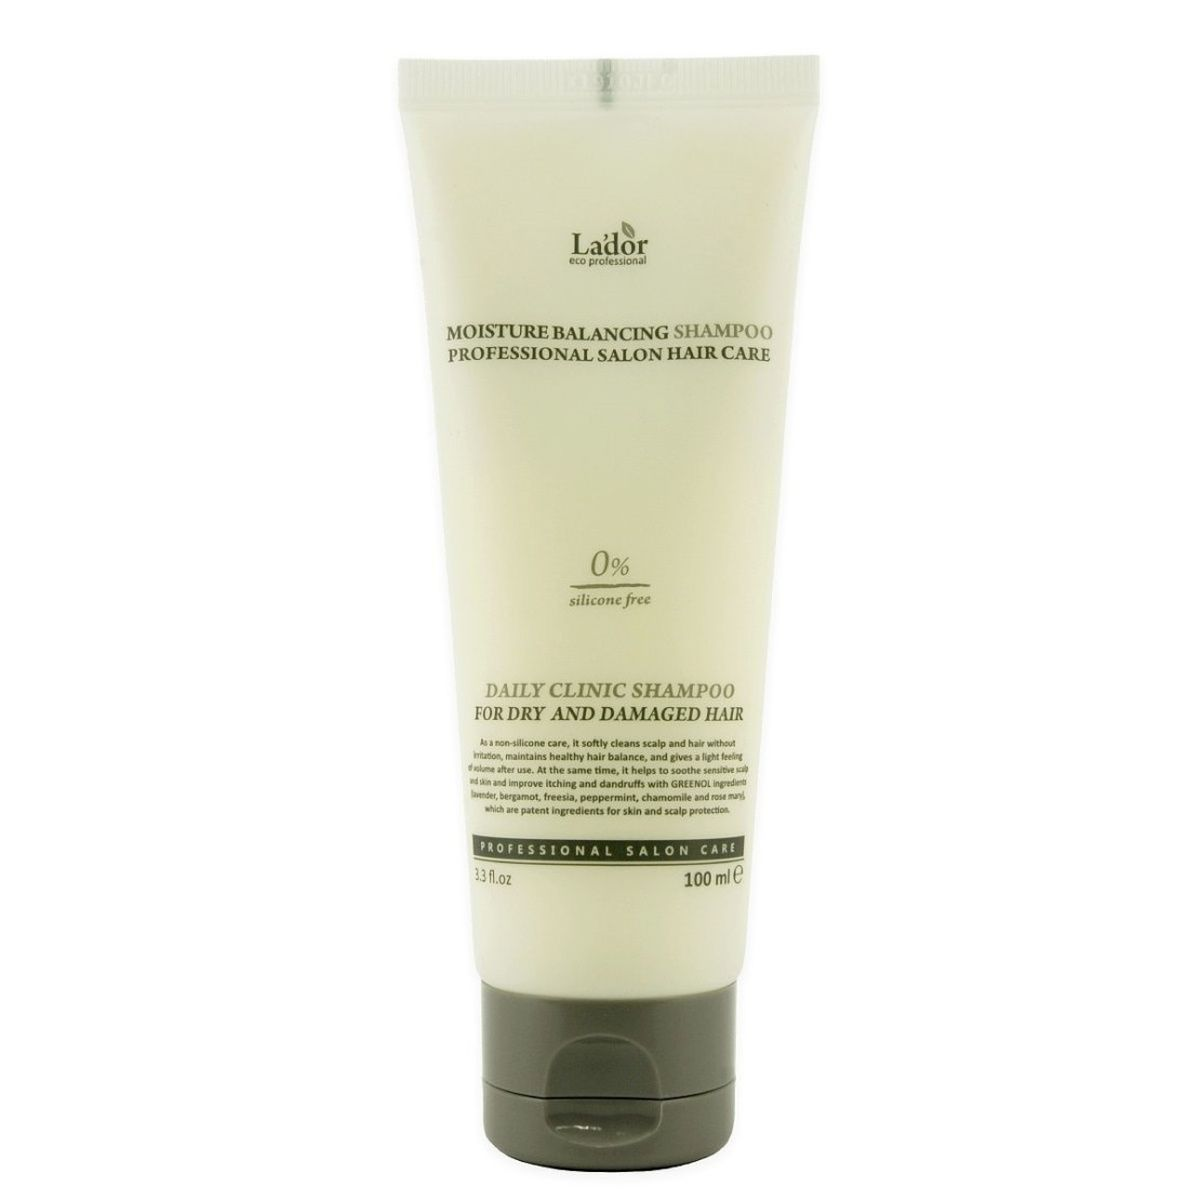 Увлажняющий шампунь для волос Lador Moisture Balancing Shampoo - 100 мл